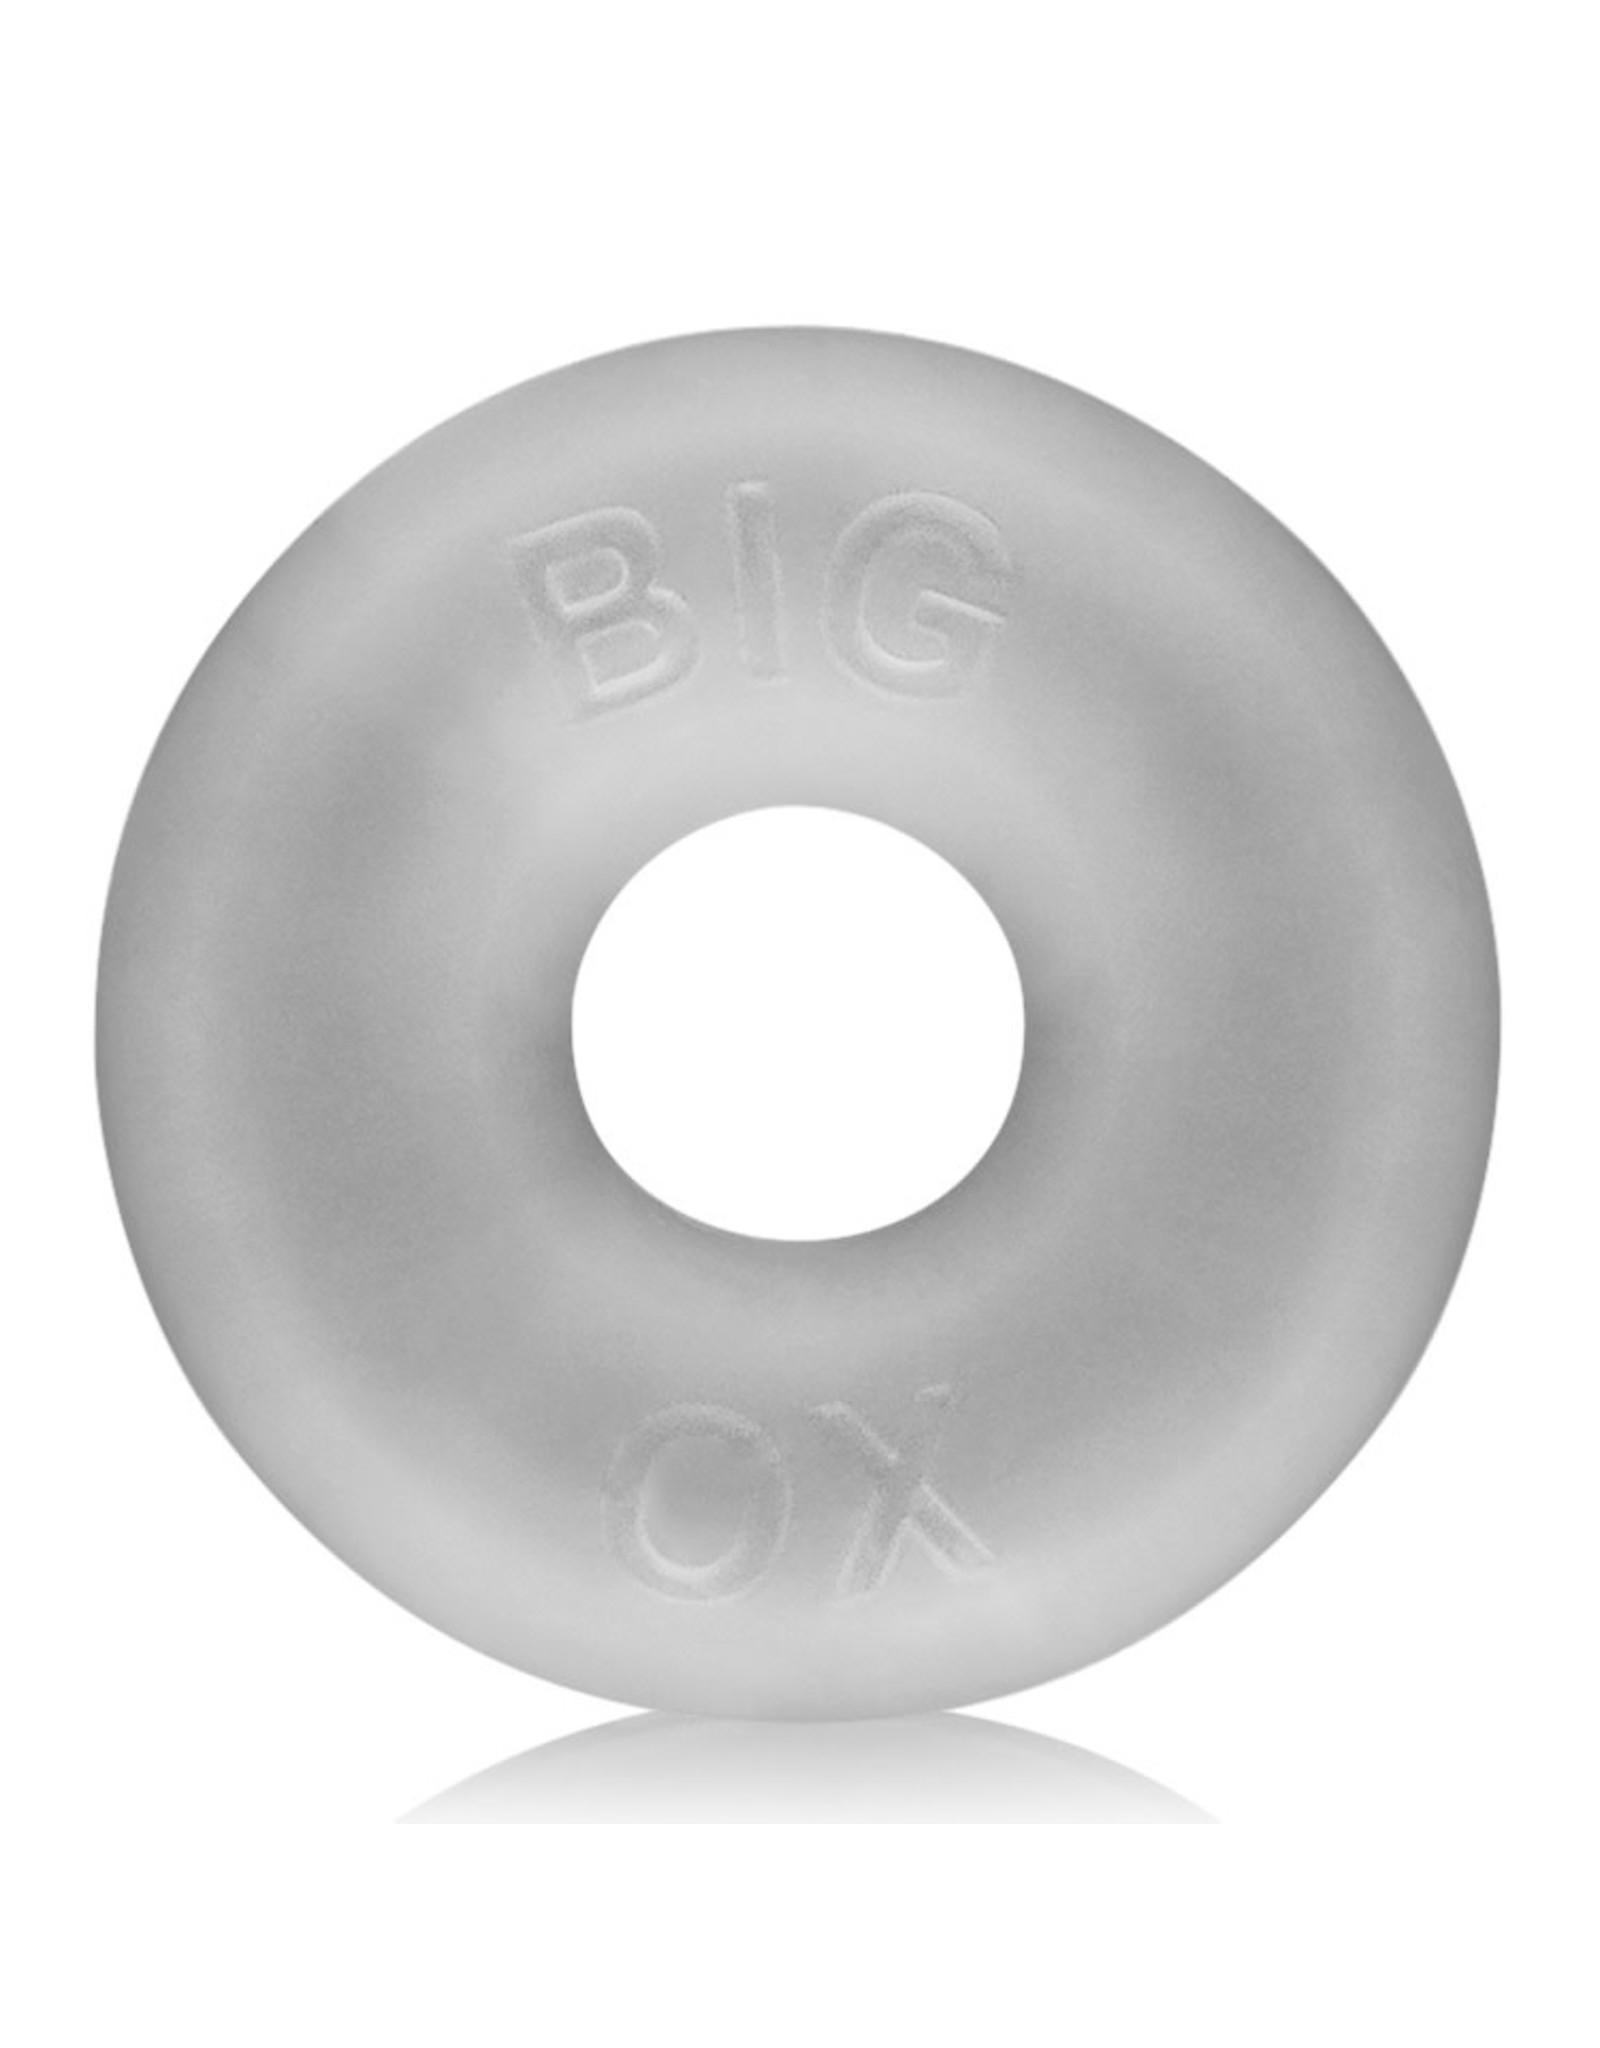 BIG OX COCKRING